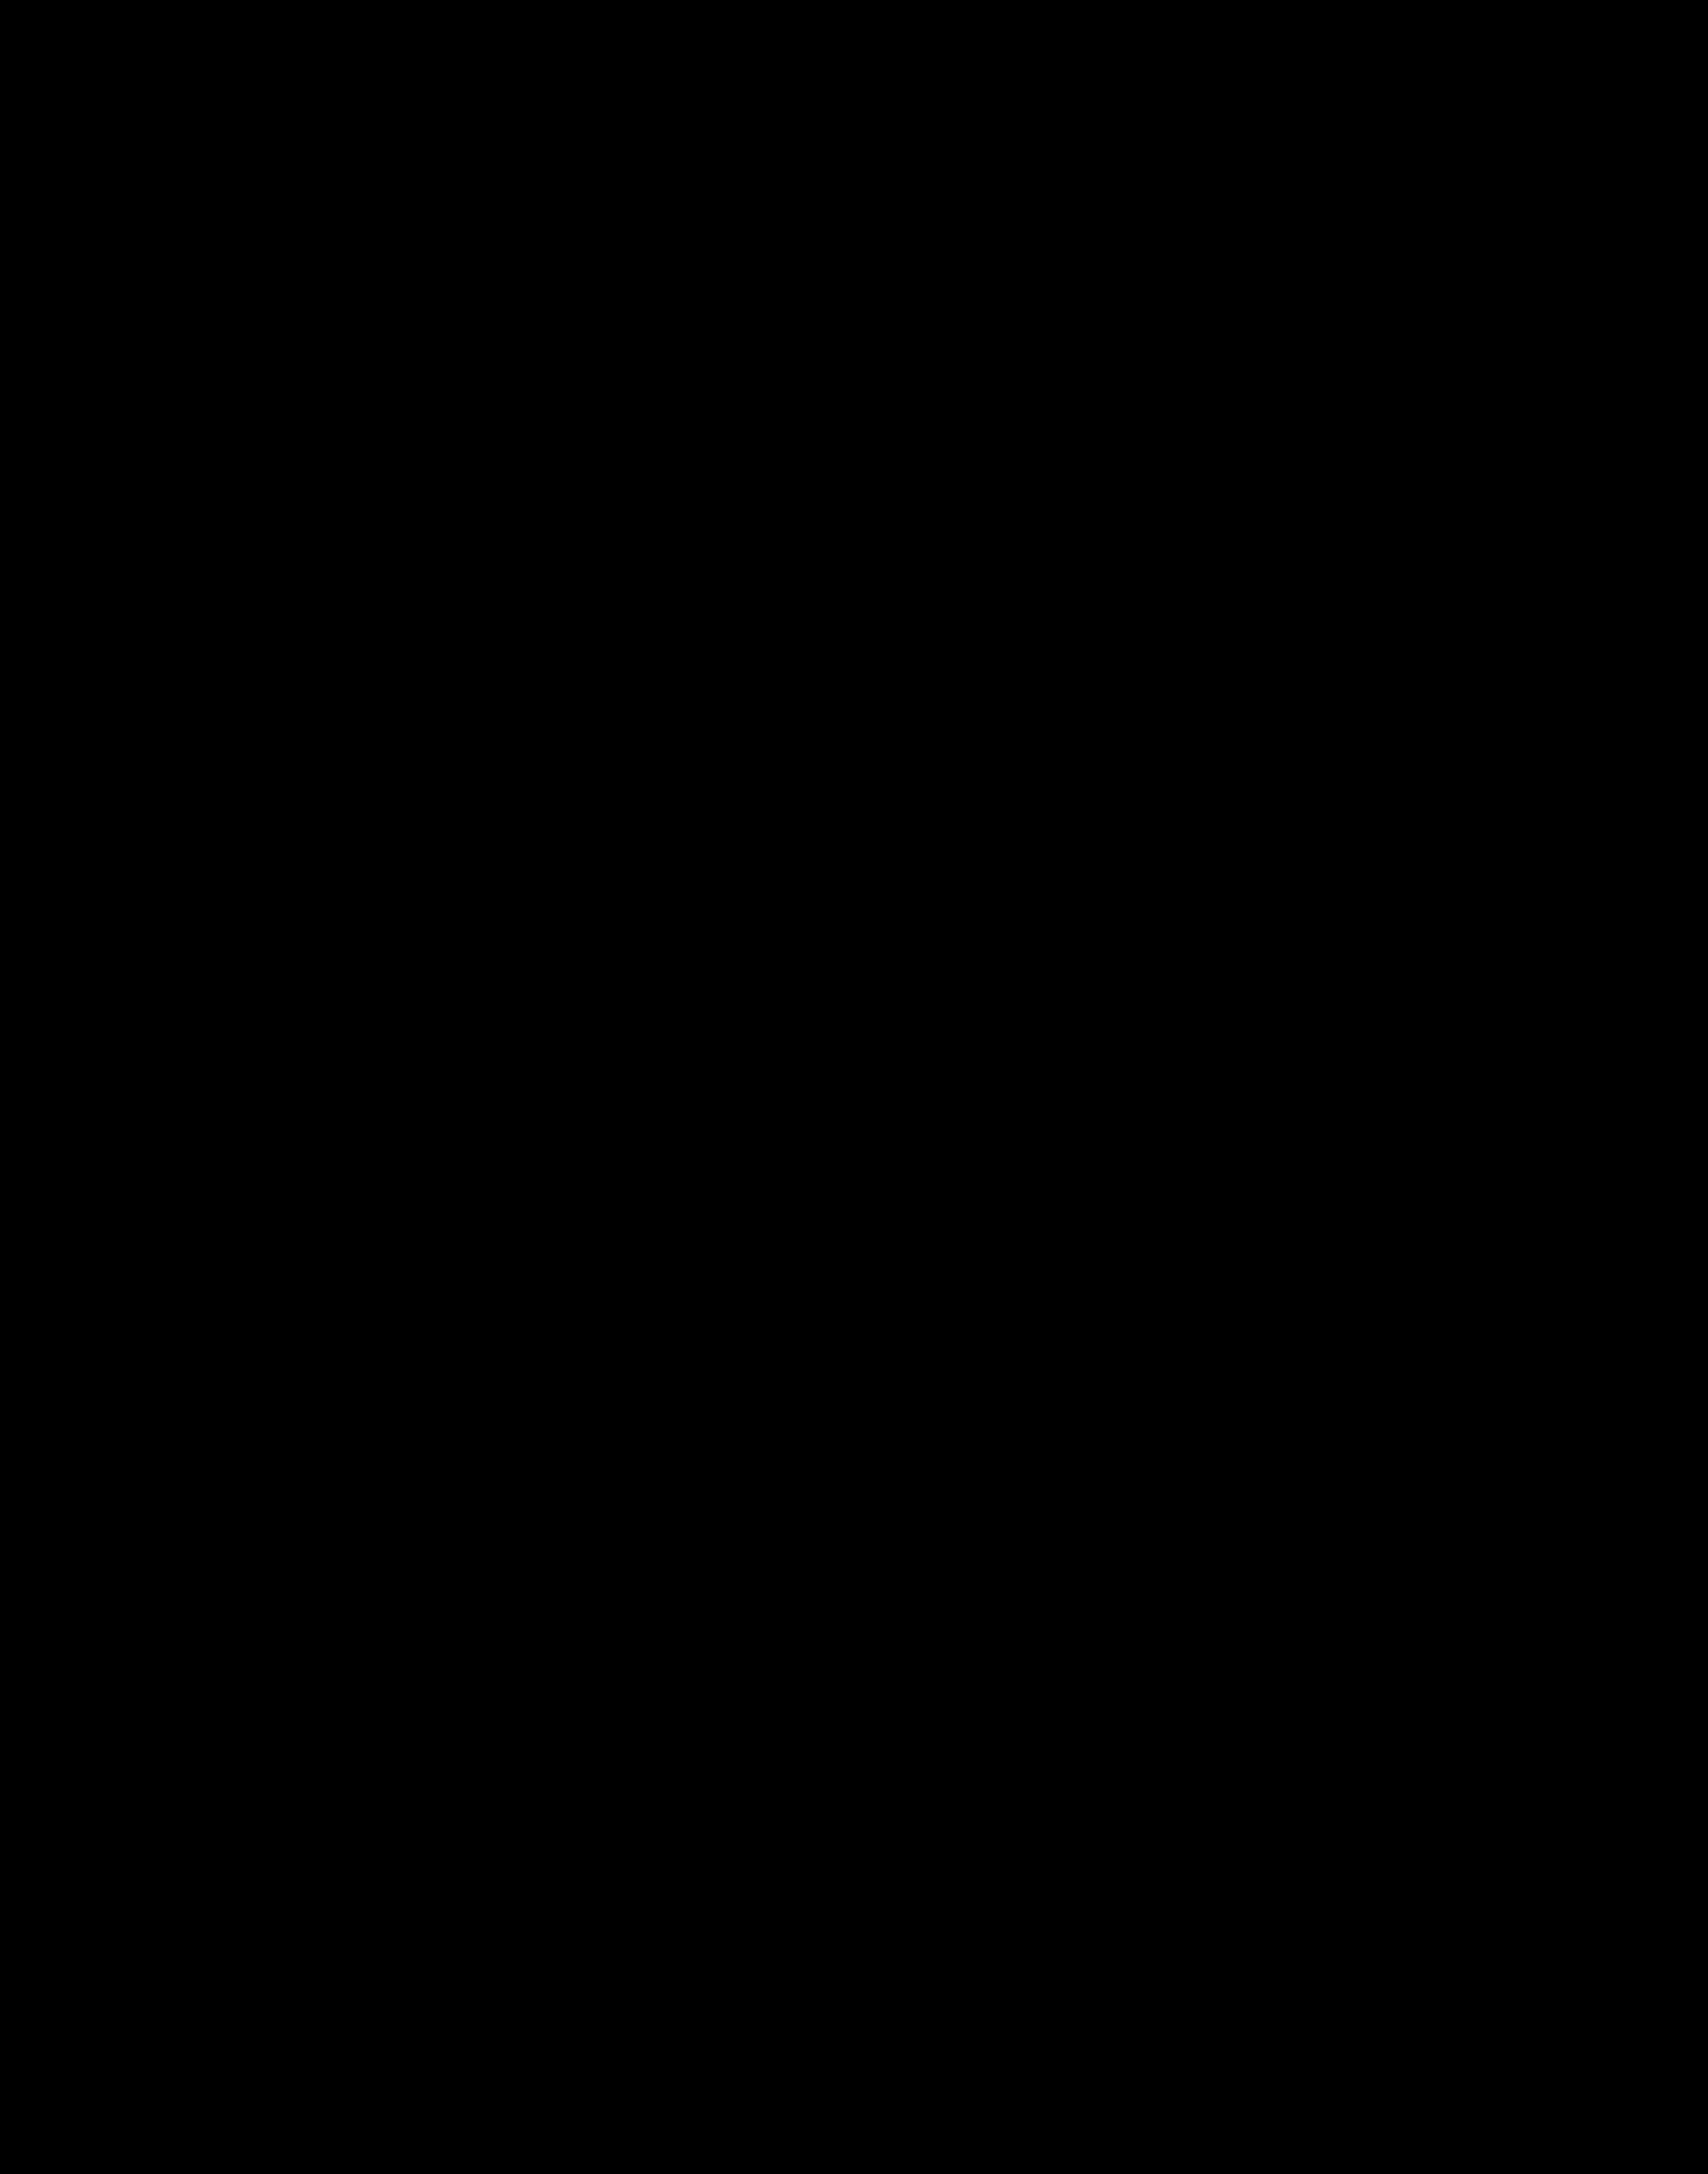 Macy's Celebrates Diwali